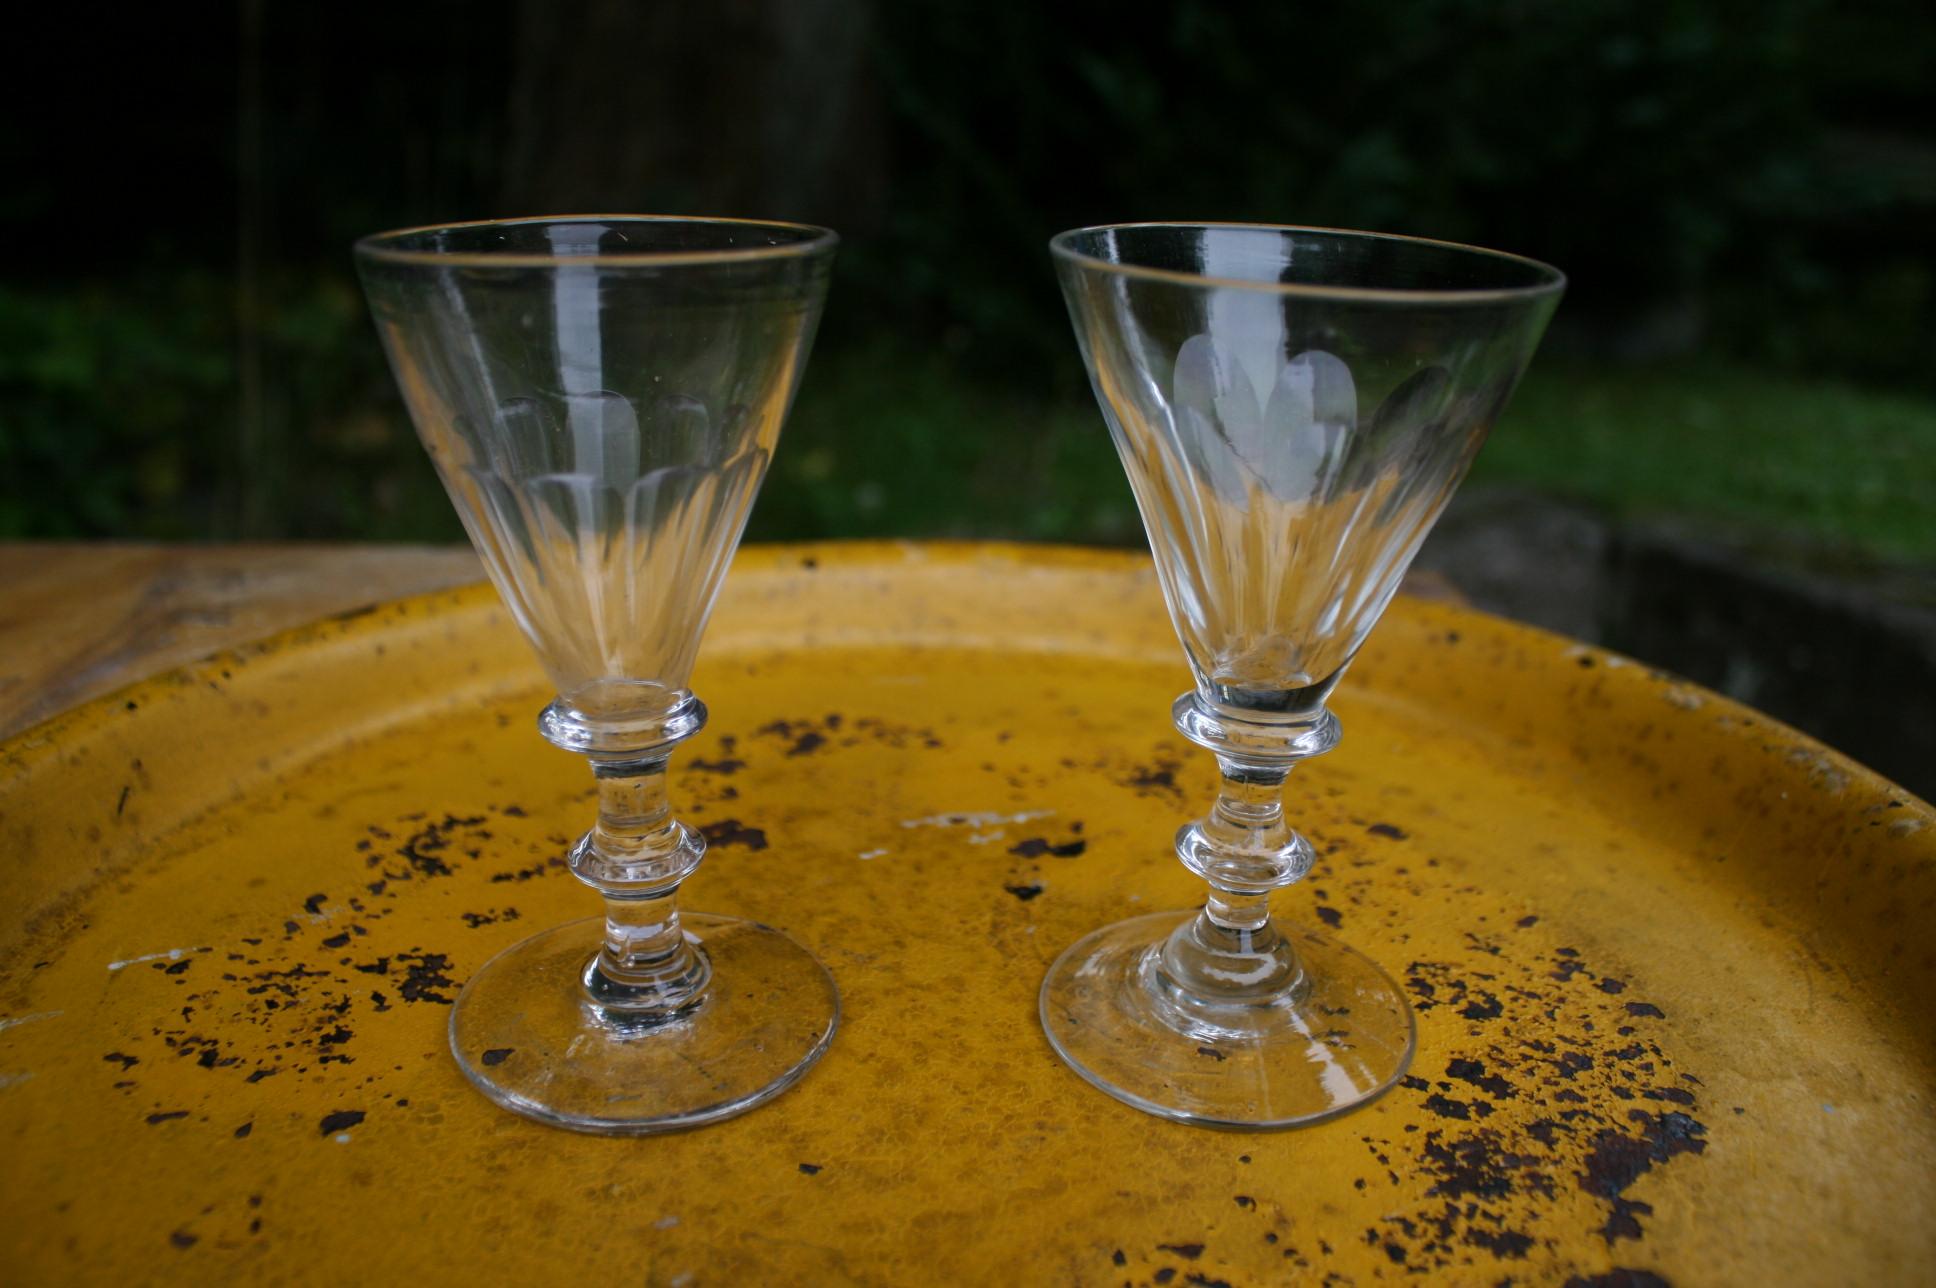 Et par slebne anglais glas fra 1800 tallet.